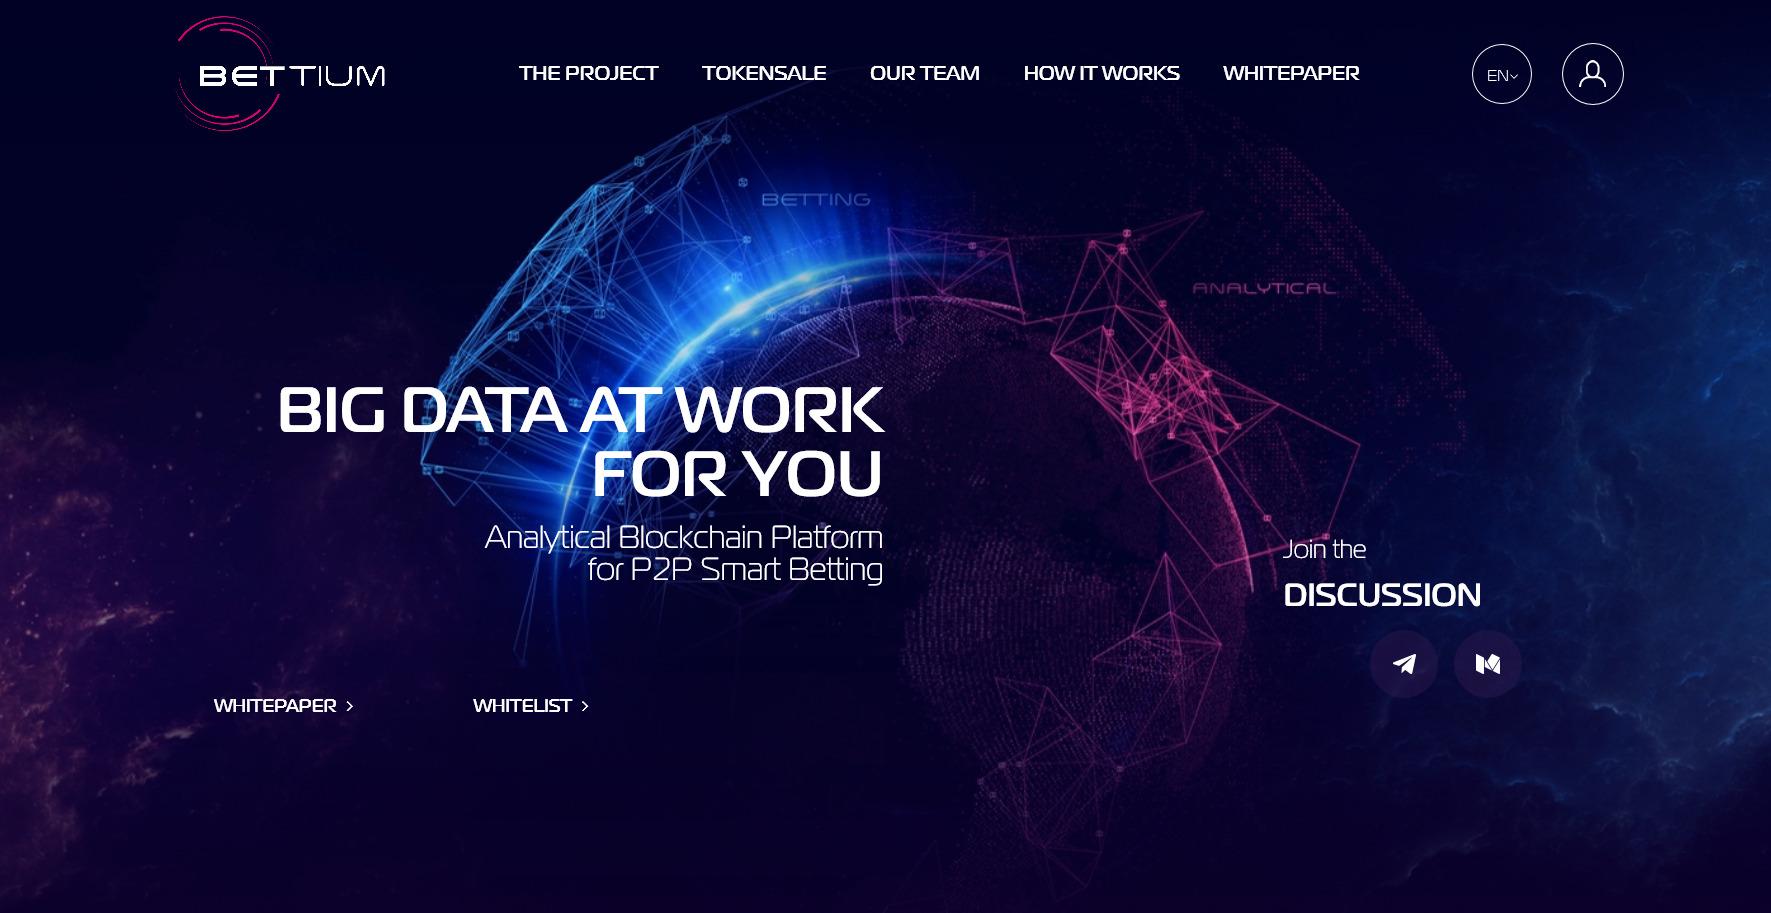 Screenshot-2018-6-25 Bettium ICO - Analytical Blockchain Platform for P2P Smart Betting.jpg